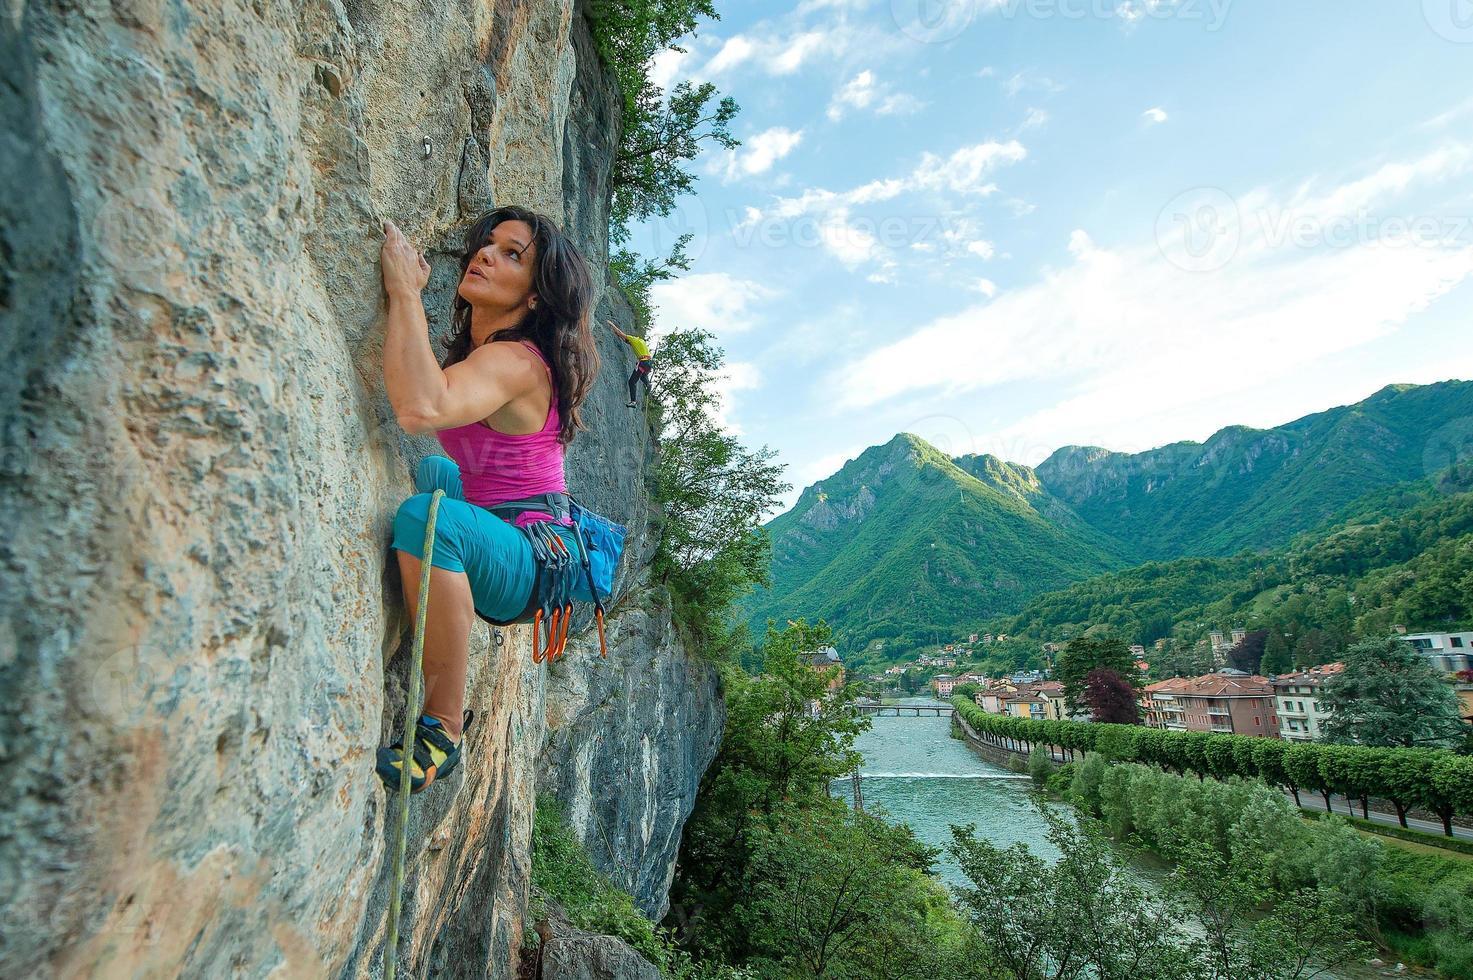 fille pratiquant l'escalade libre sur rocher avec panorama sur le village photo